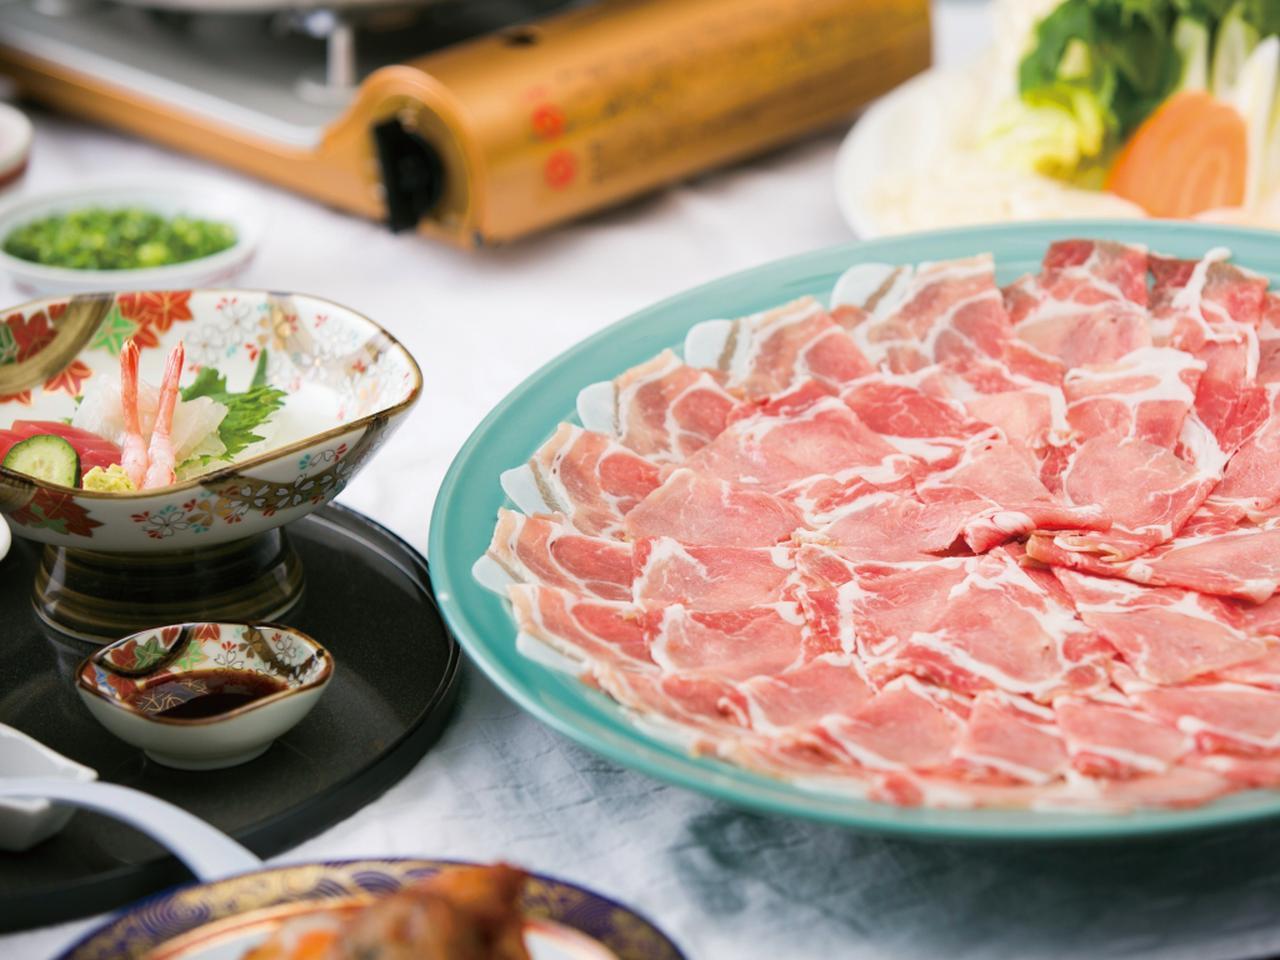 画像: 黒豚の産地として有名な鹿児島。夕食コースの「黒豚しゃぶしゃぶ」は地元民も太鼓判を押す美味しさだ